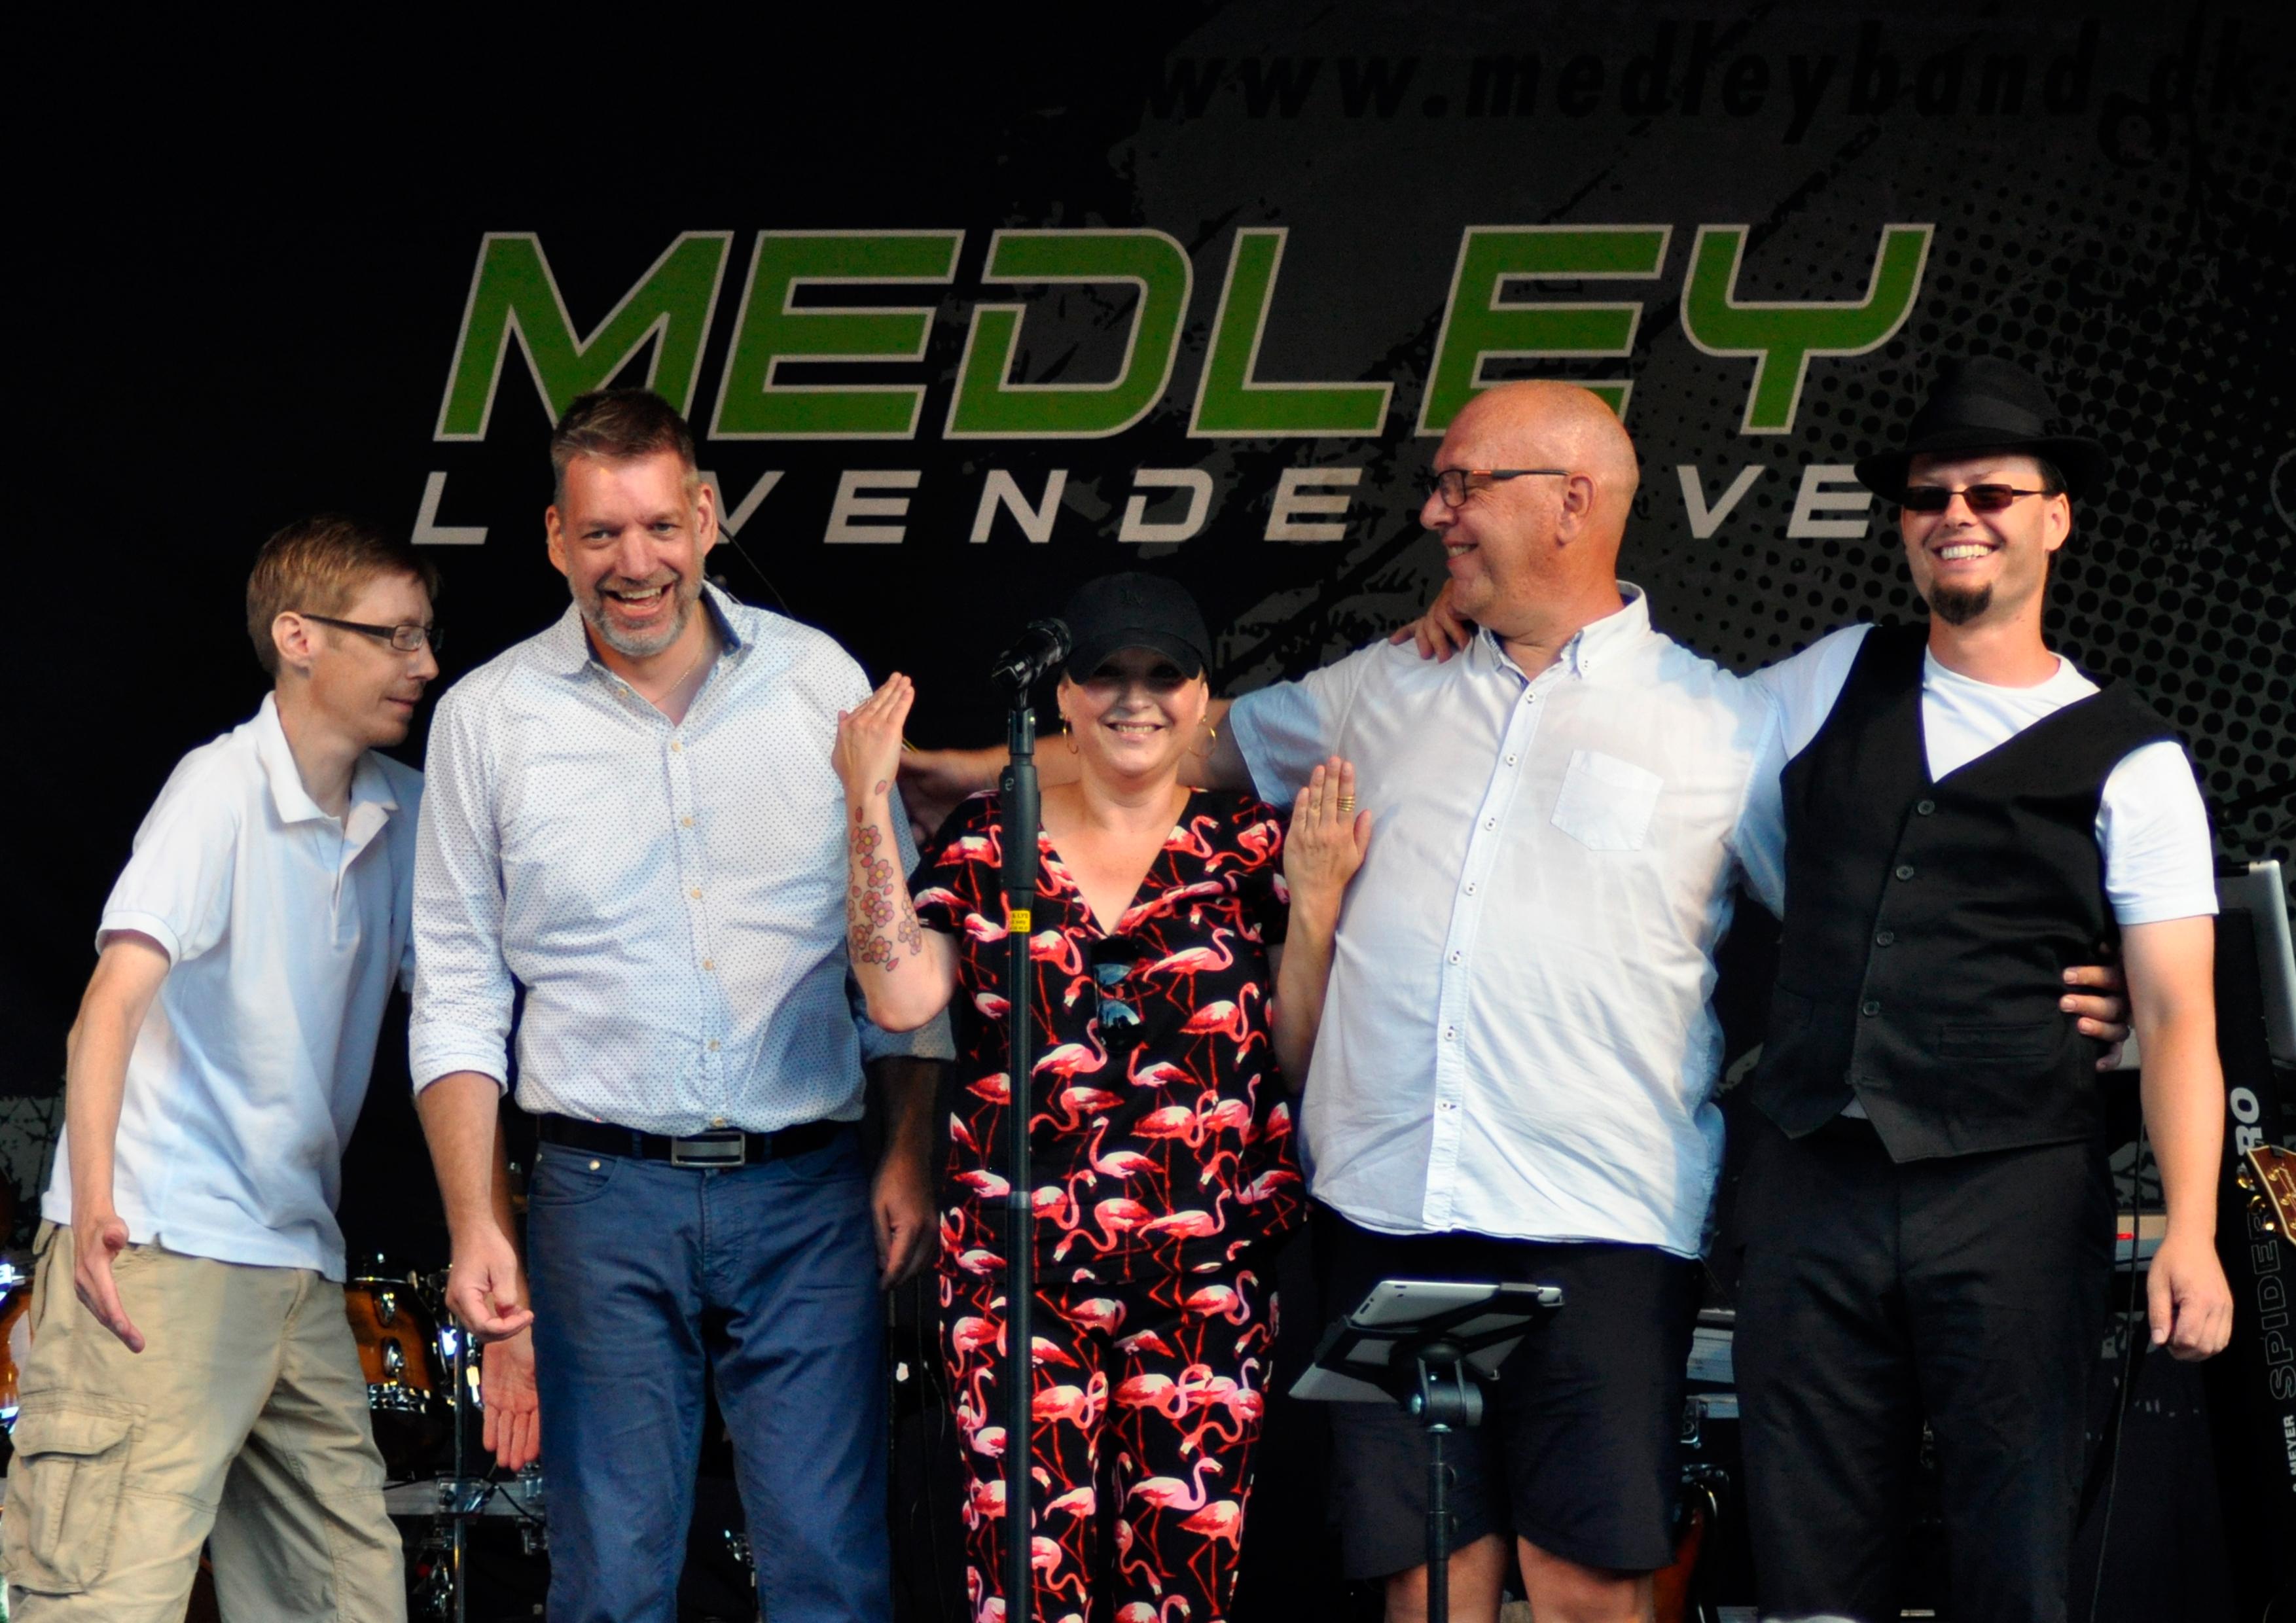 MEDLEY_Bandet01_FotoIbenBrinkland